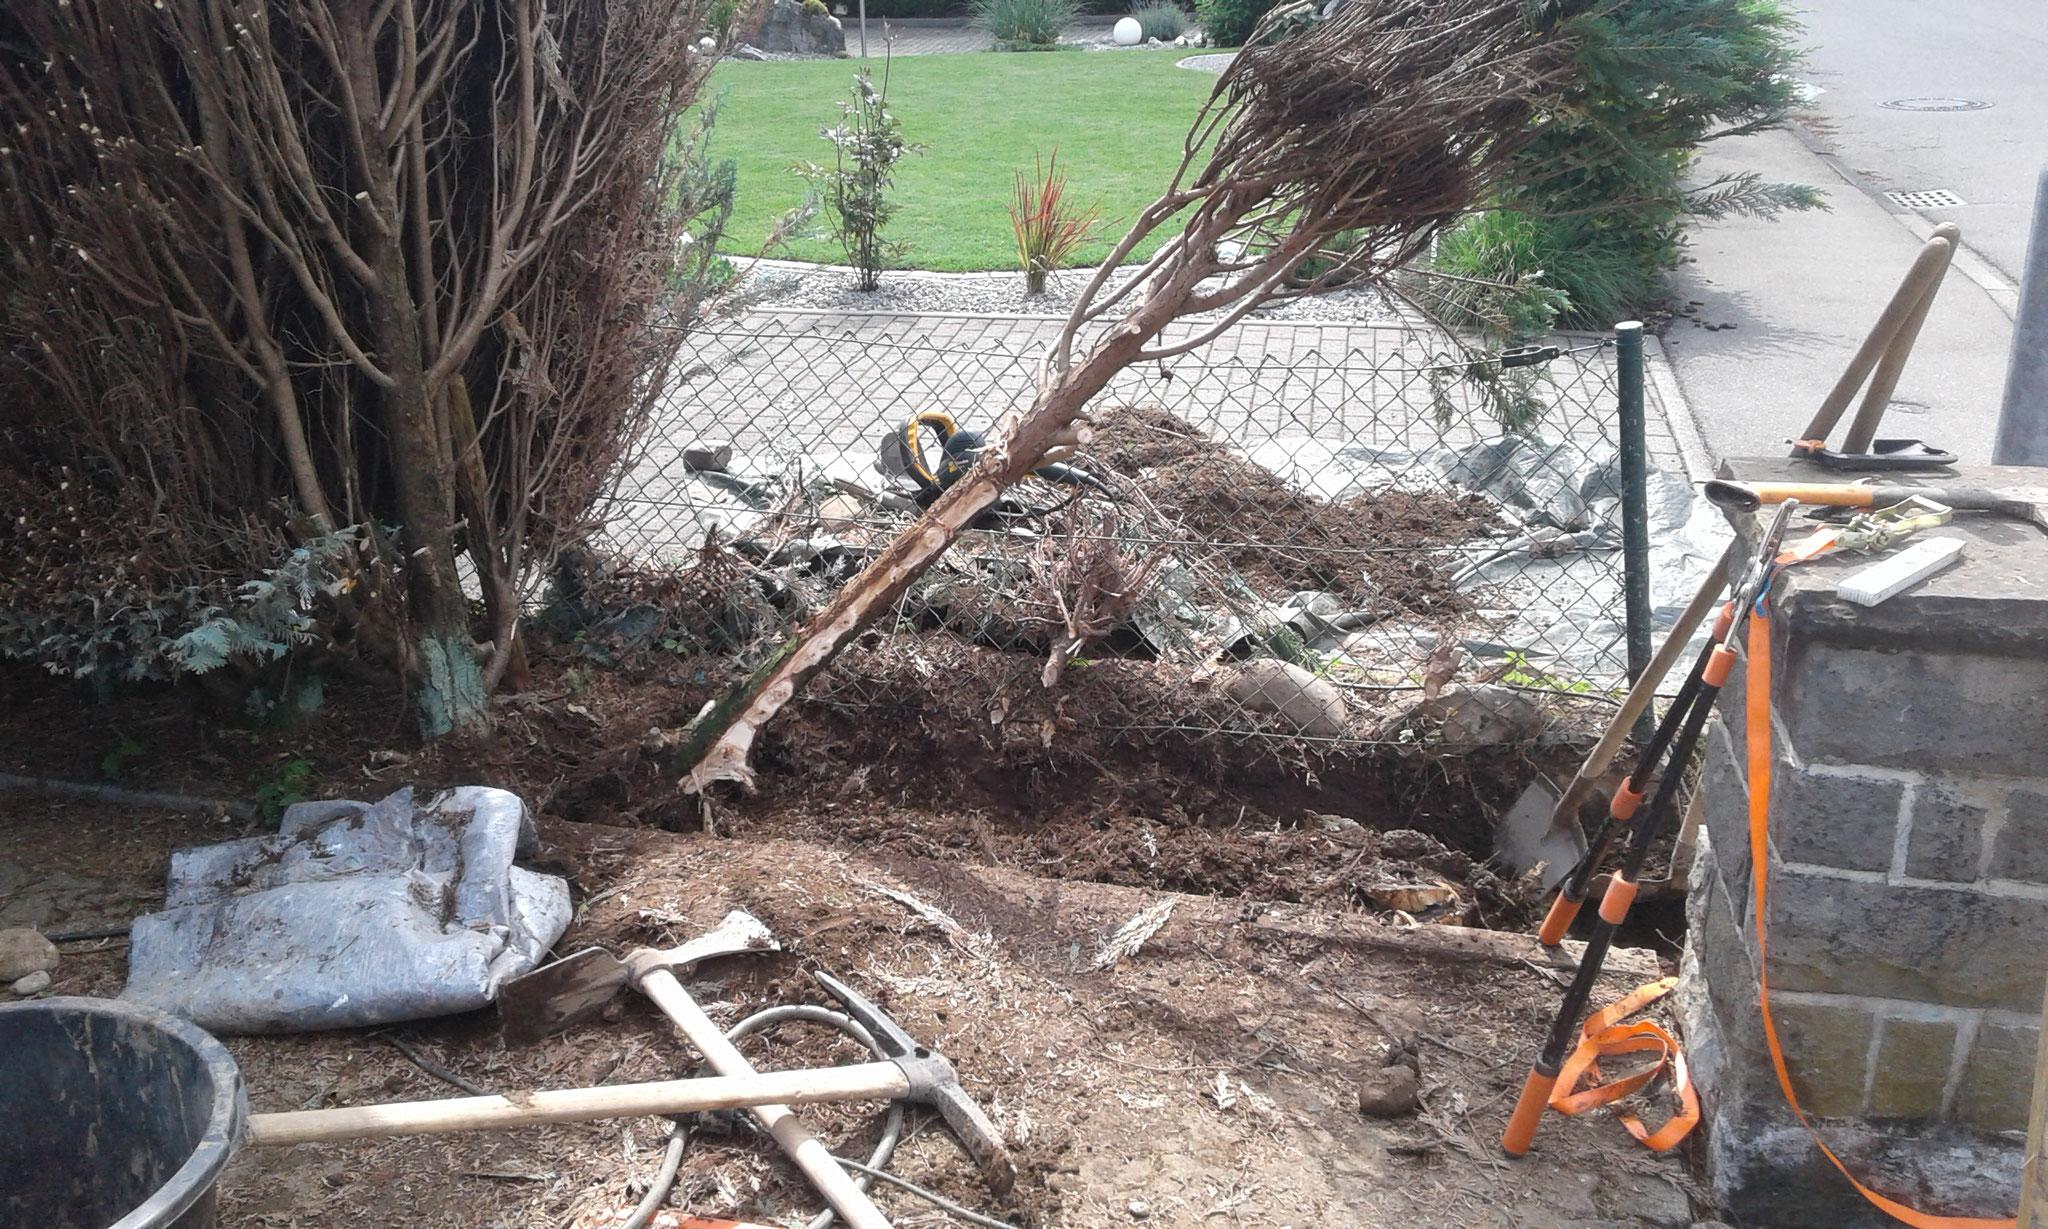 Heckenentfernung und-neuanlage Wangen - Entfernung alte Hecke